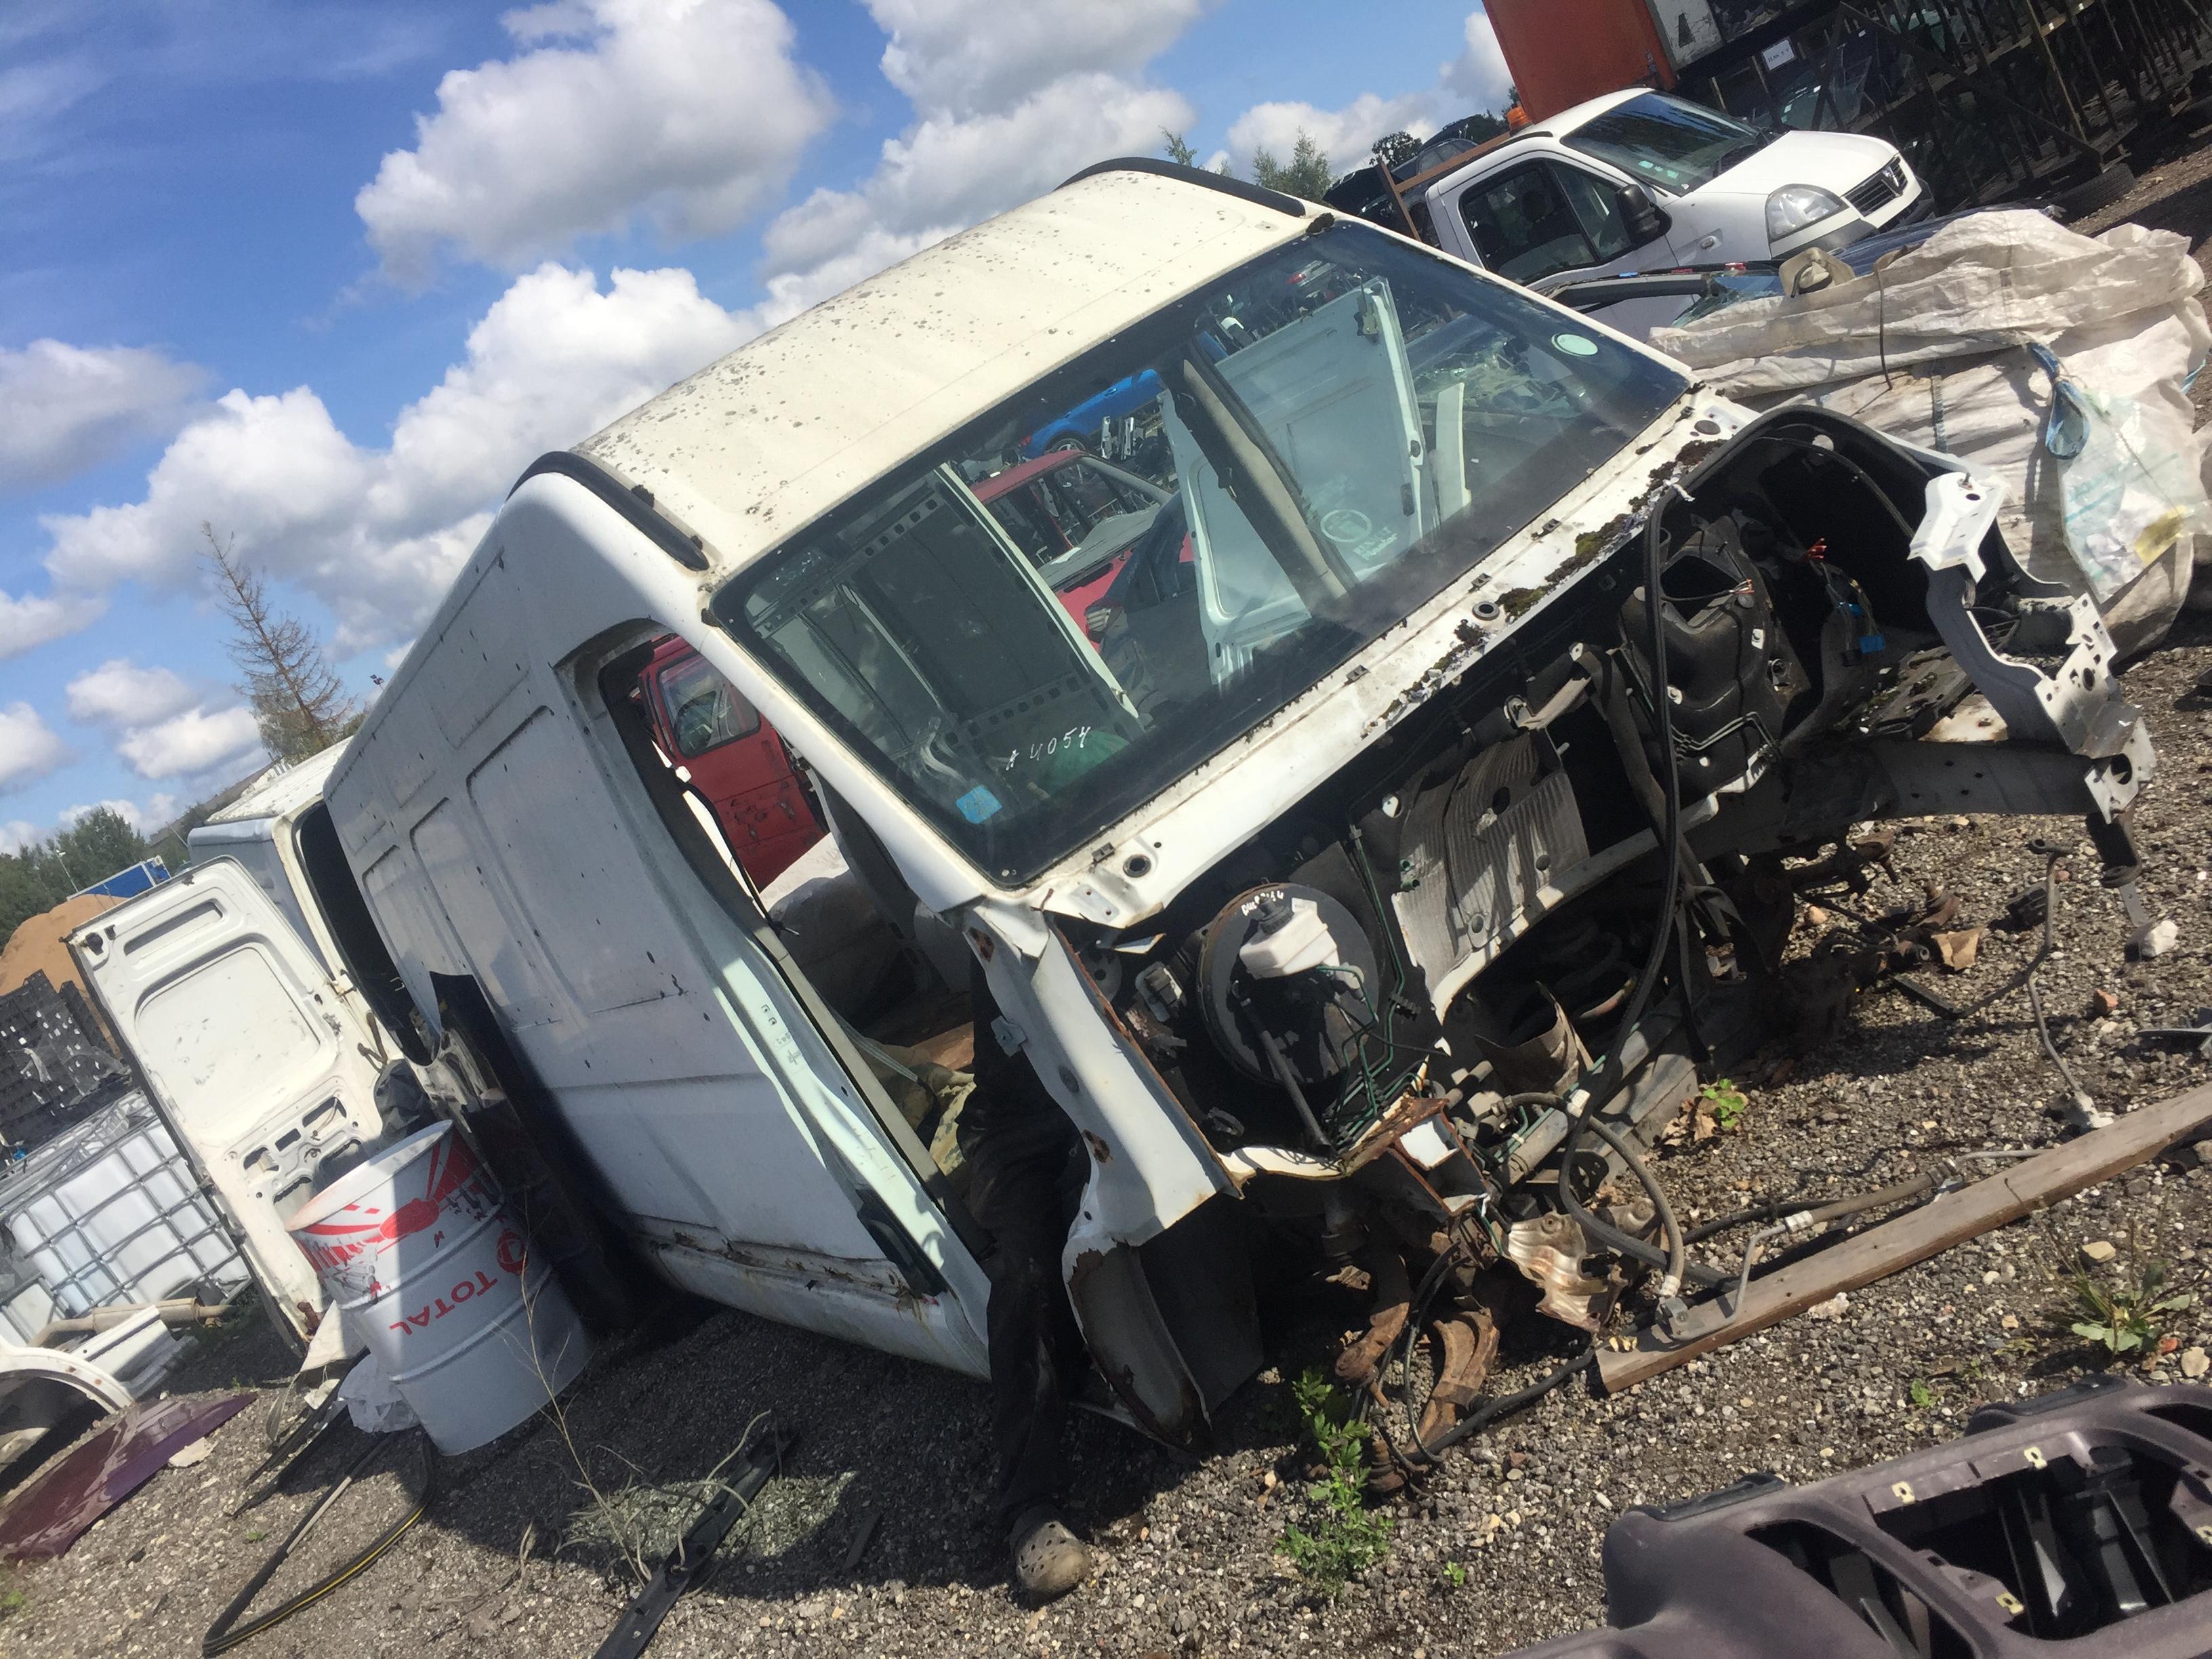 Подержанные Автозапчасти Foto 3 Renault MASTER 2001 2.8 машиностроение микроавтобус 4/5 d. белый 2018-8-27 A4054